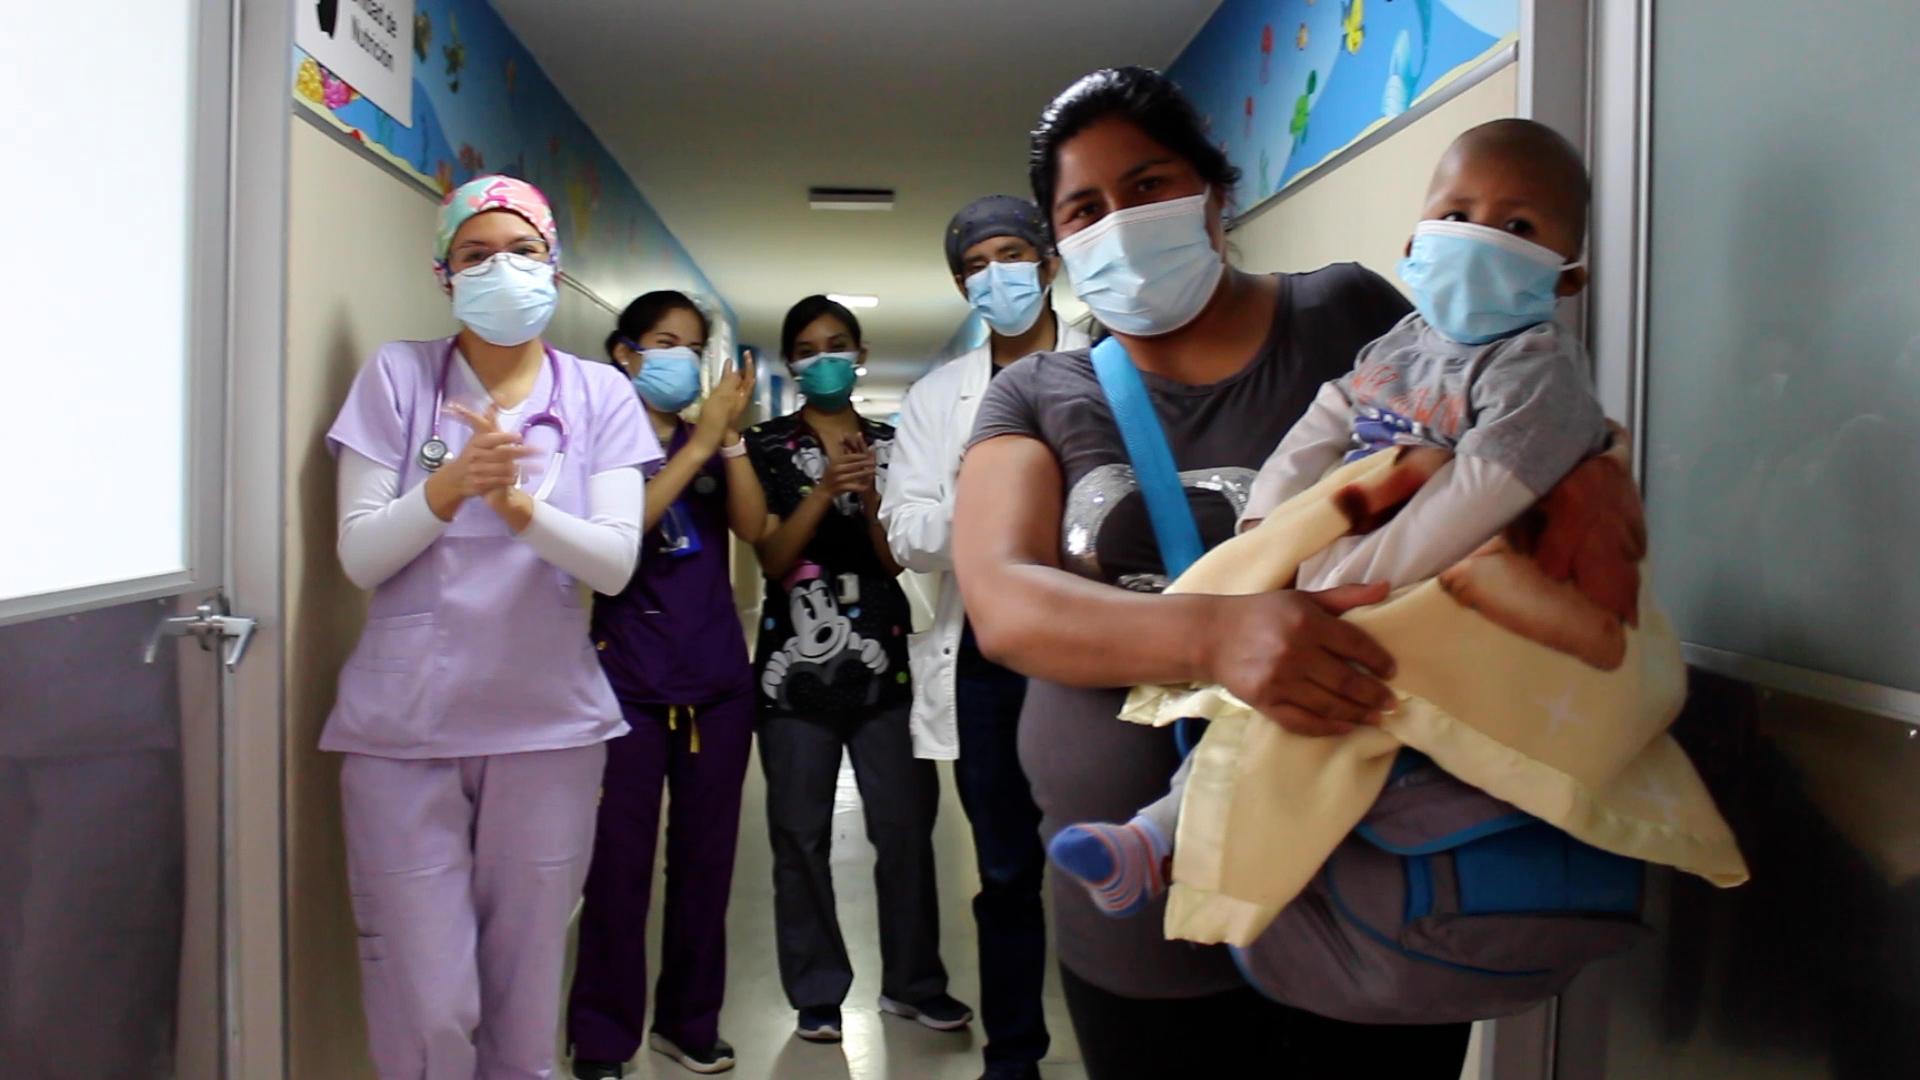 Essalud - Médicos de EsSalud extirpan tumor hepático y salvan vida de niño de 2 años